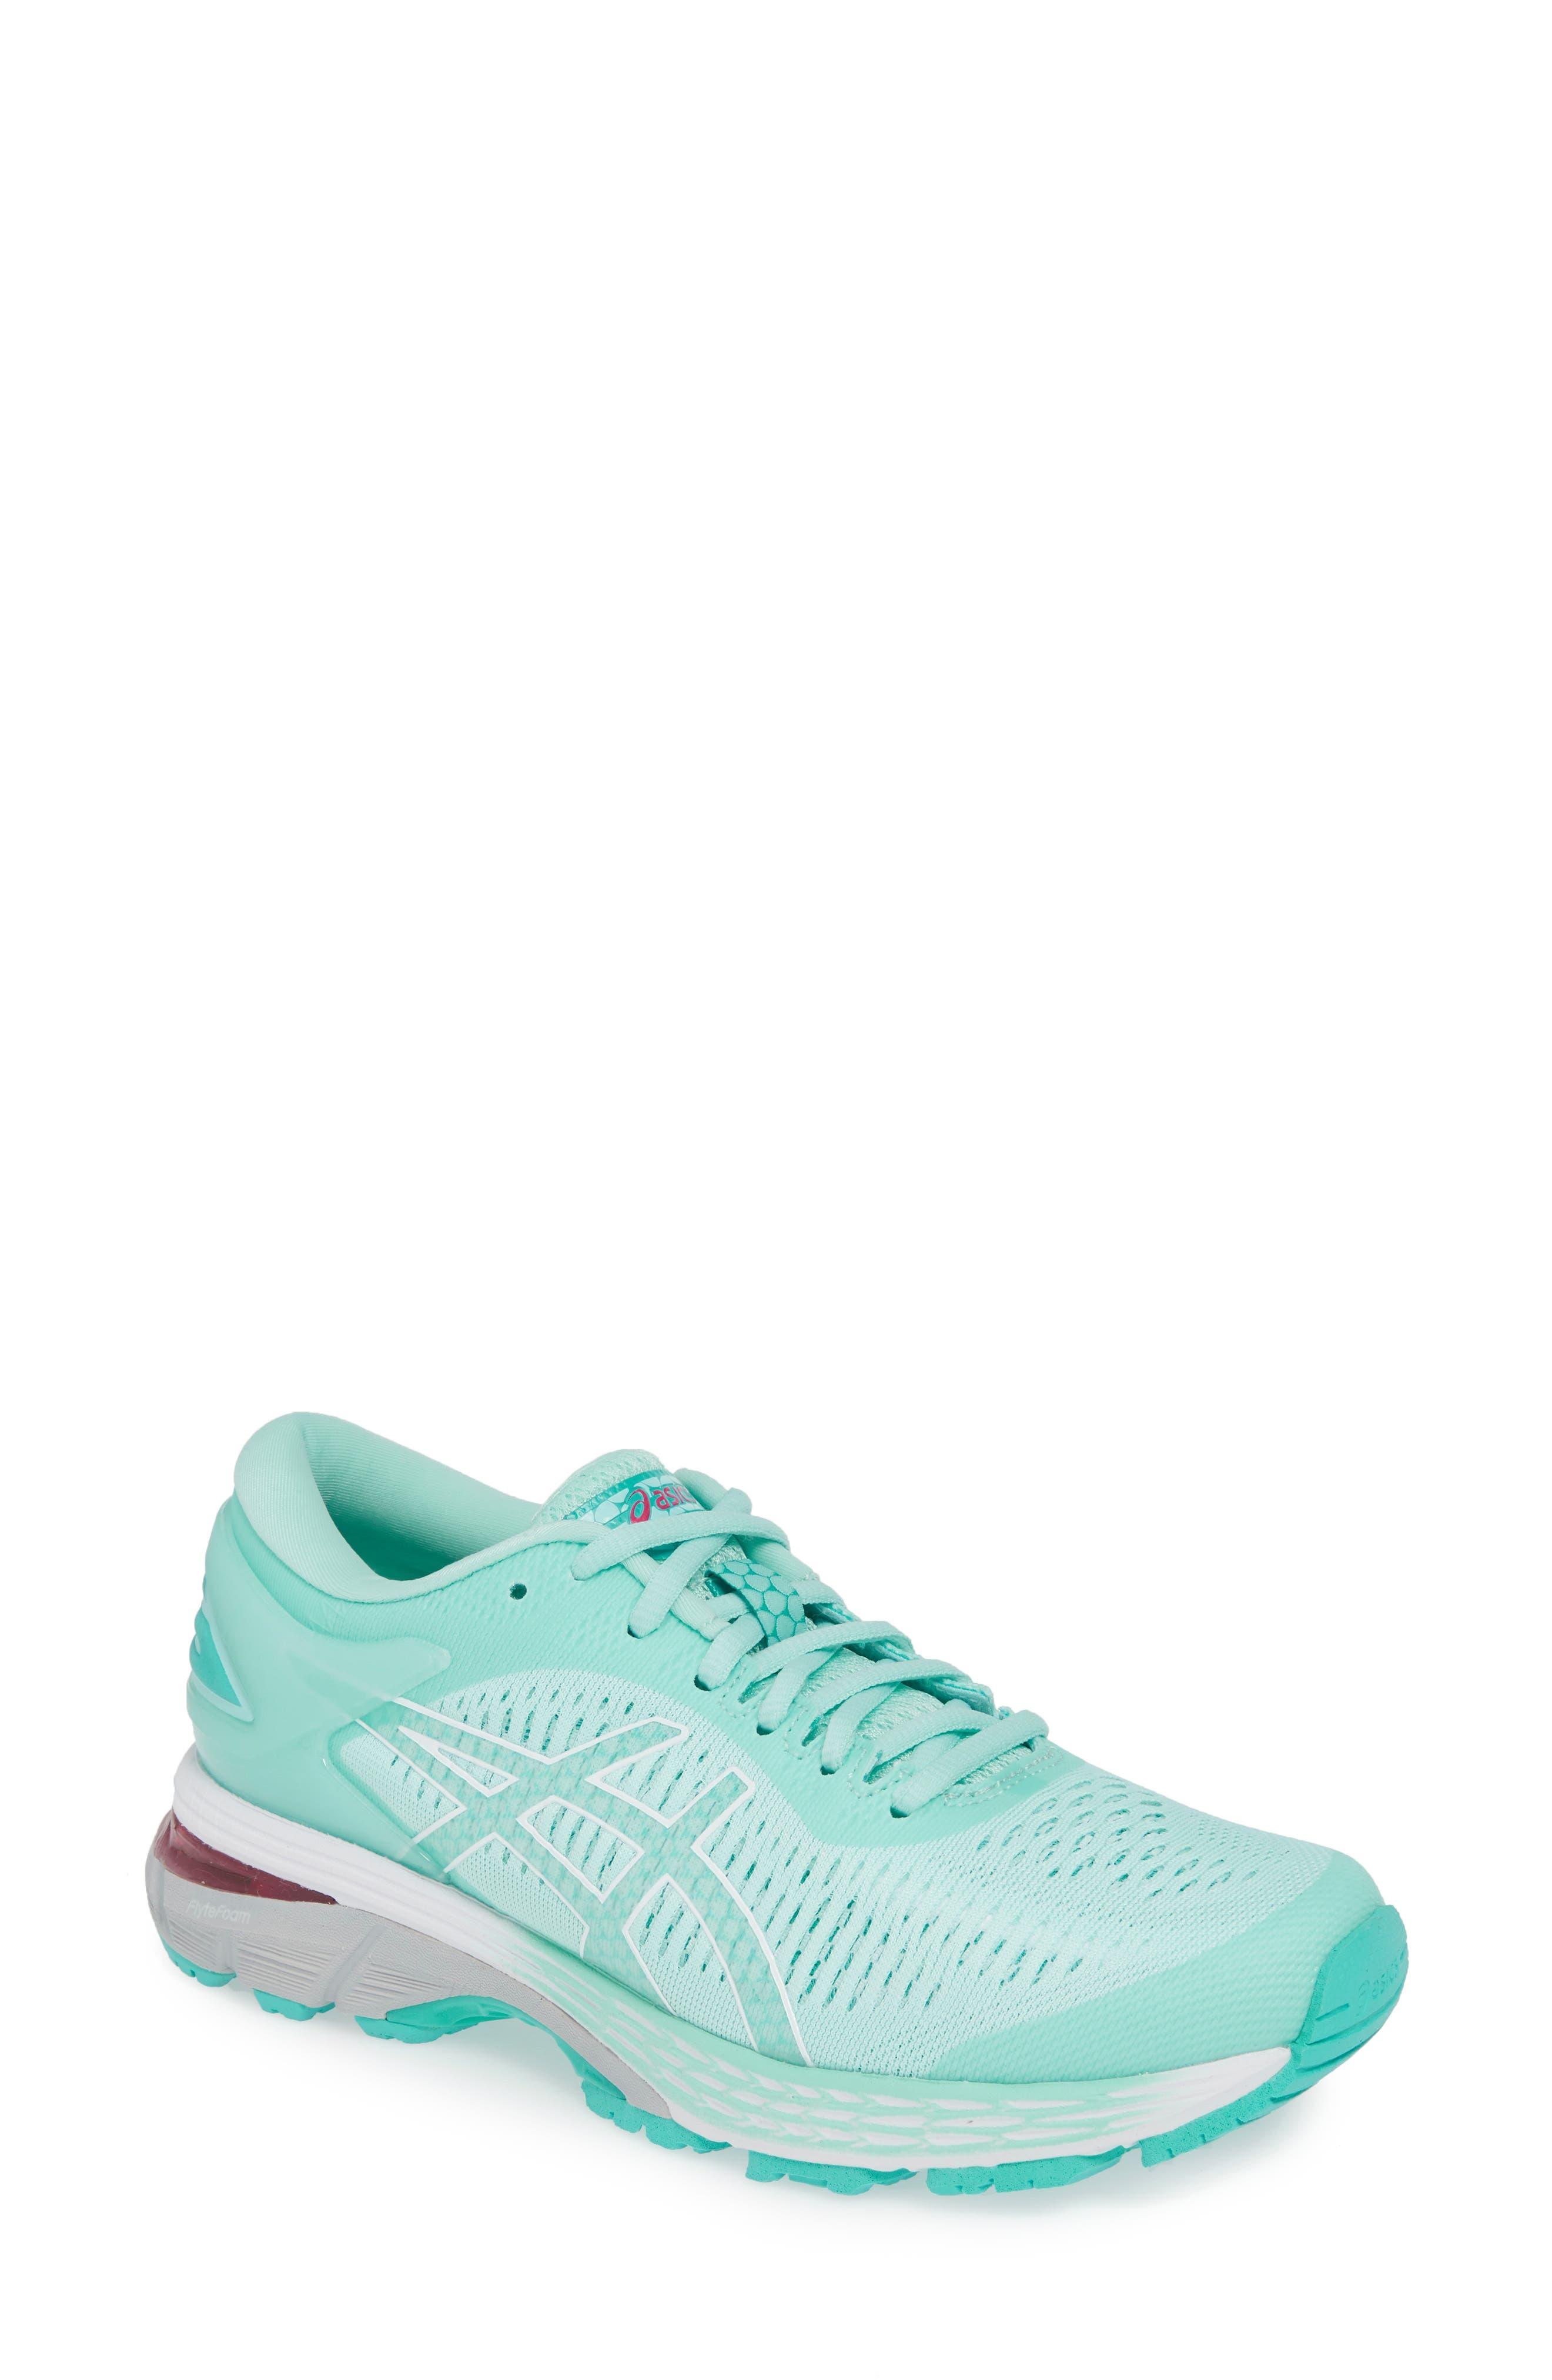 Asics Gel-Kayano 25 Running Shoe B - Blue/green